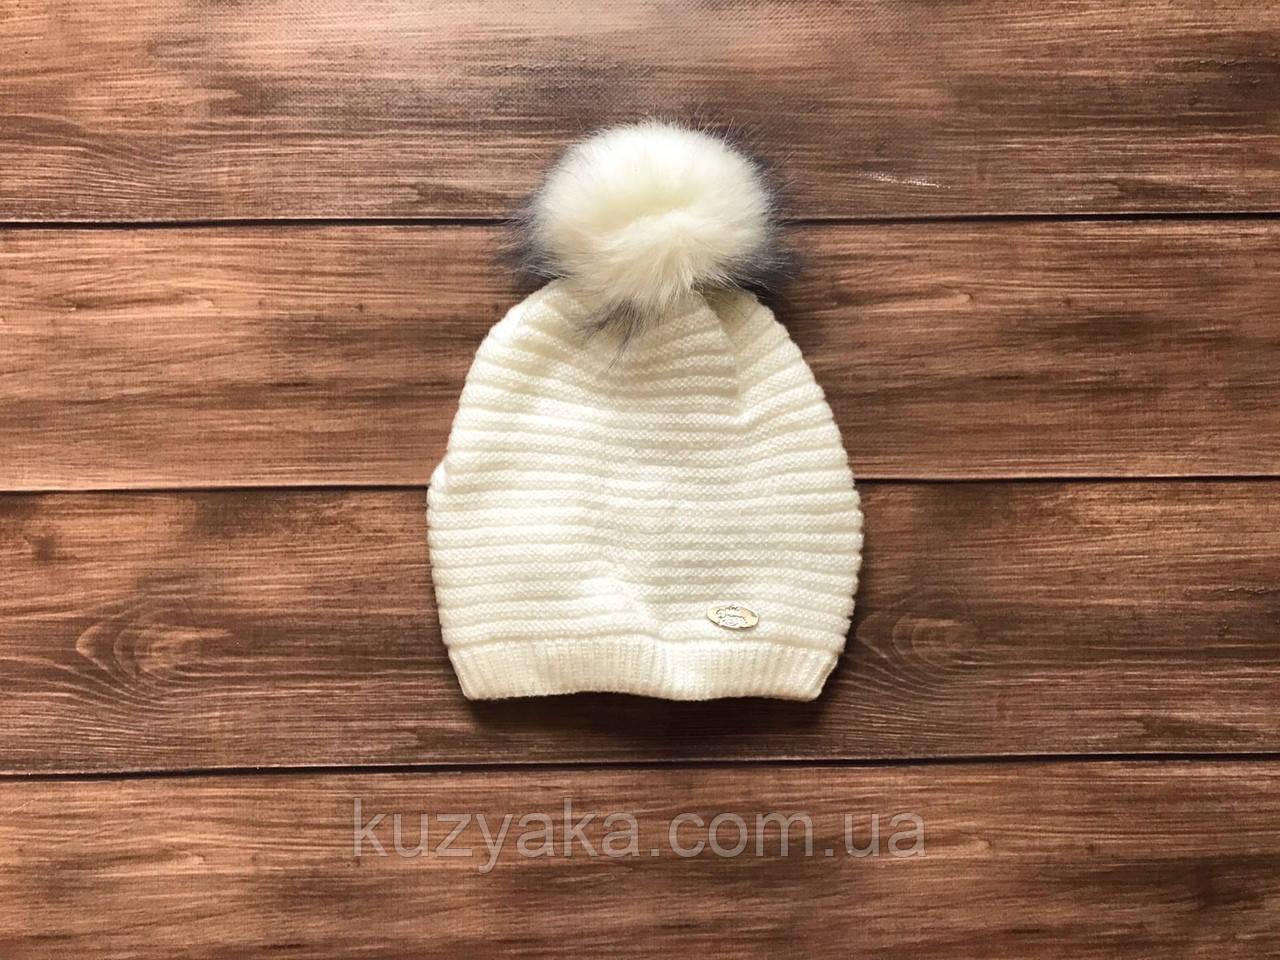 Детская зимняя шапка на флисе для девочки на 3-5 лет